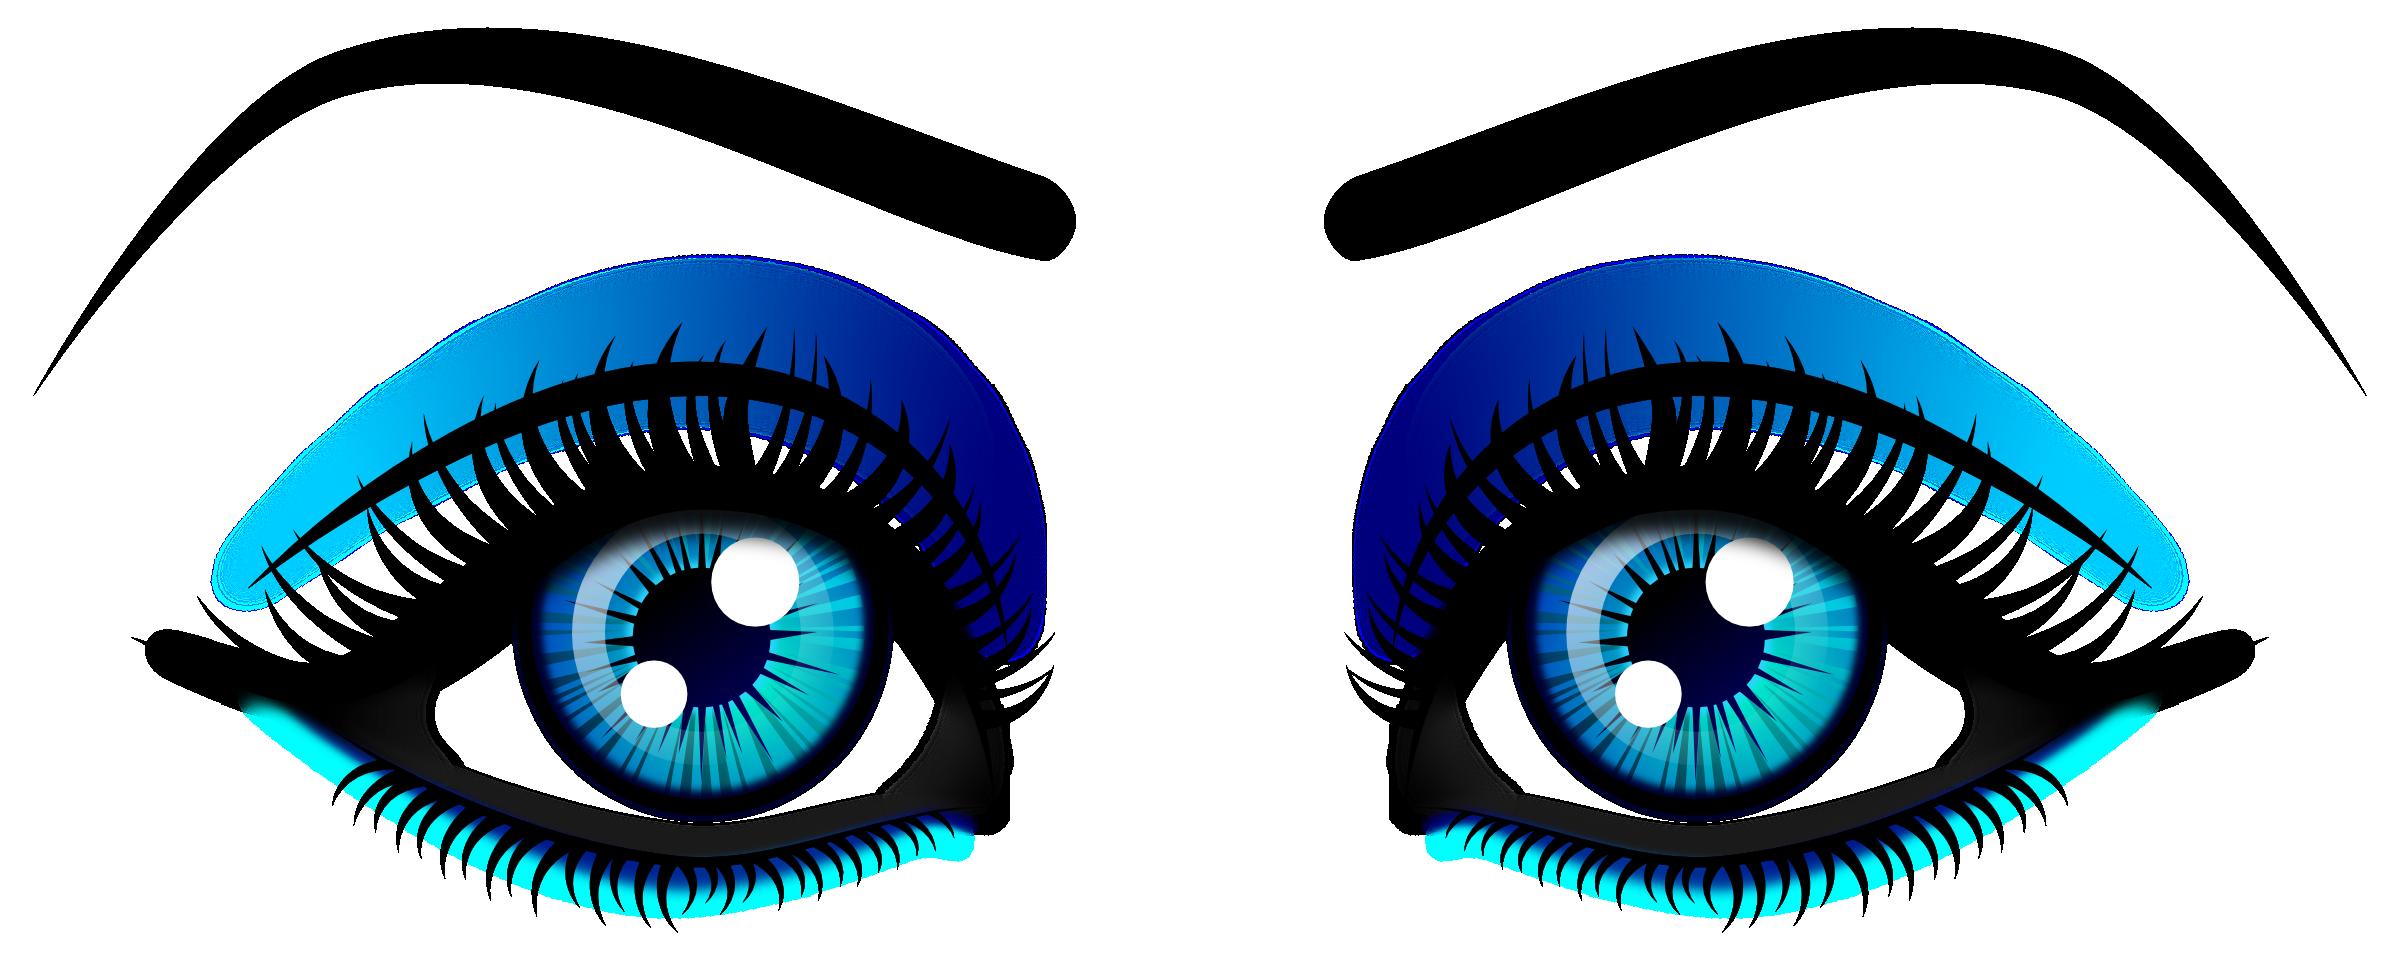 Eyes clipart eye makeup, Eyes eye makeup Transparent FREE.